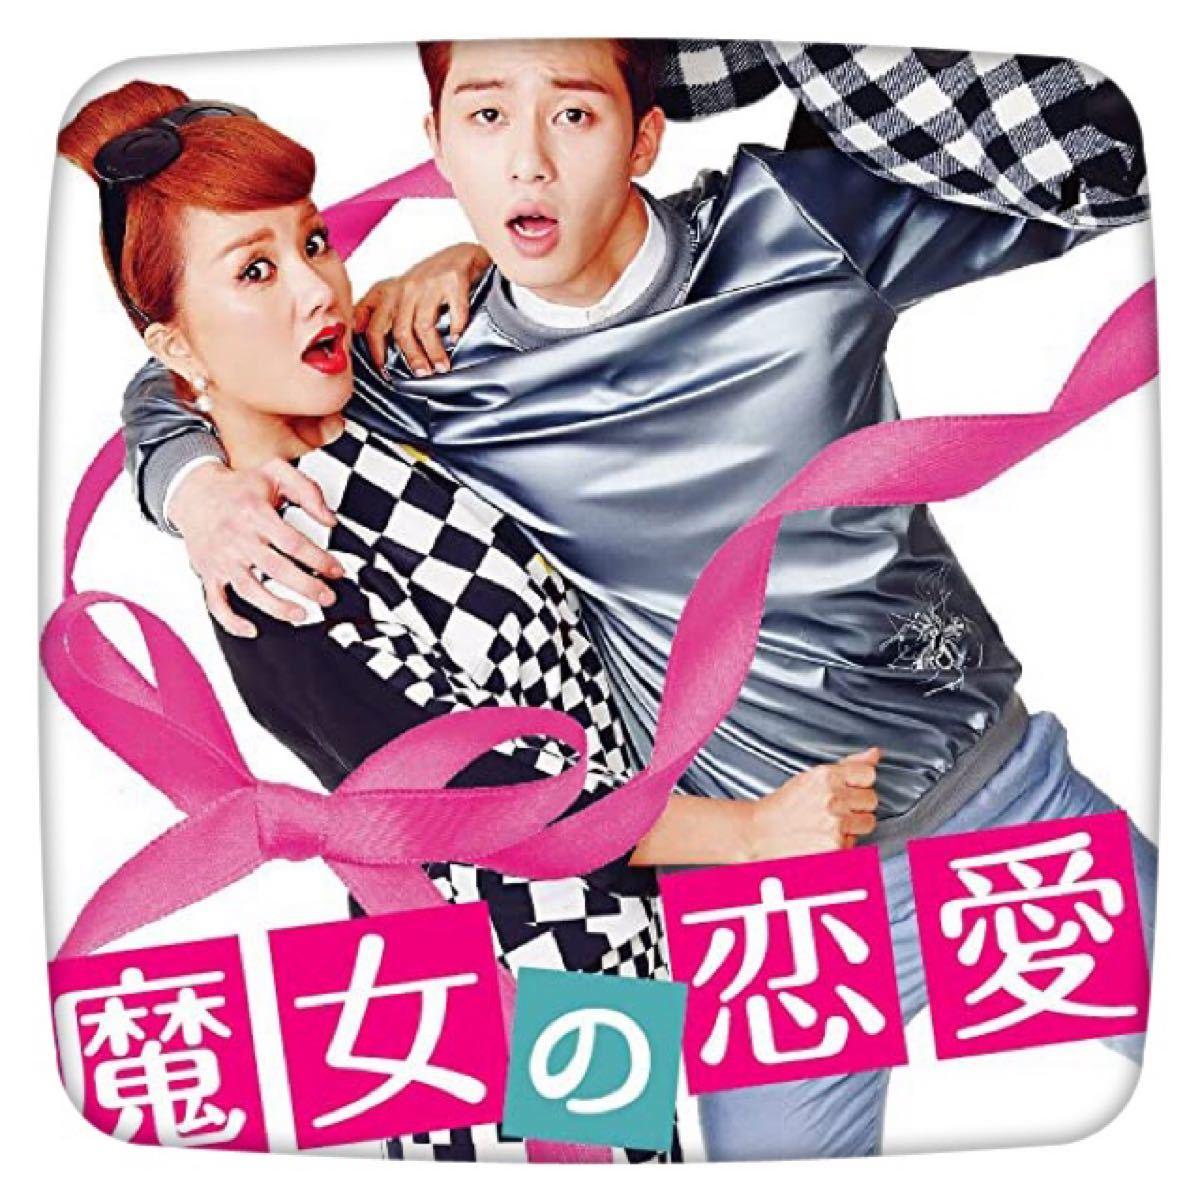 【魔女の恋愛】Blu-ray 韓国ドラマ 韓流